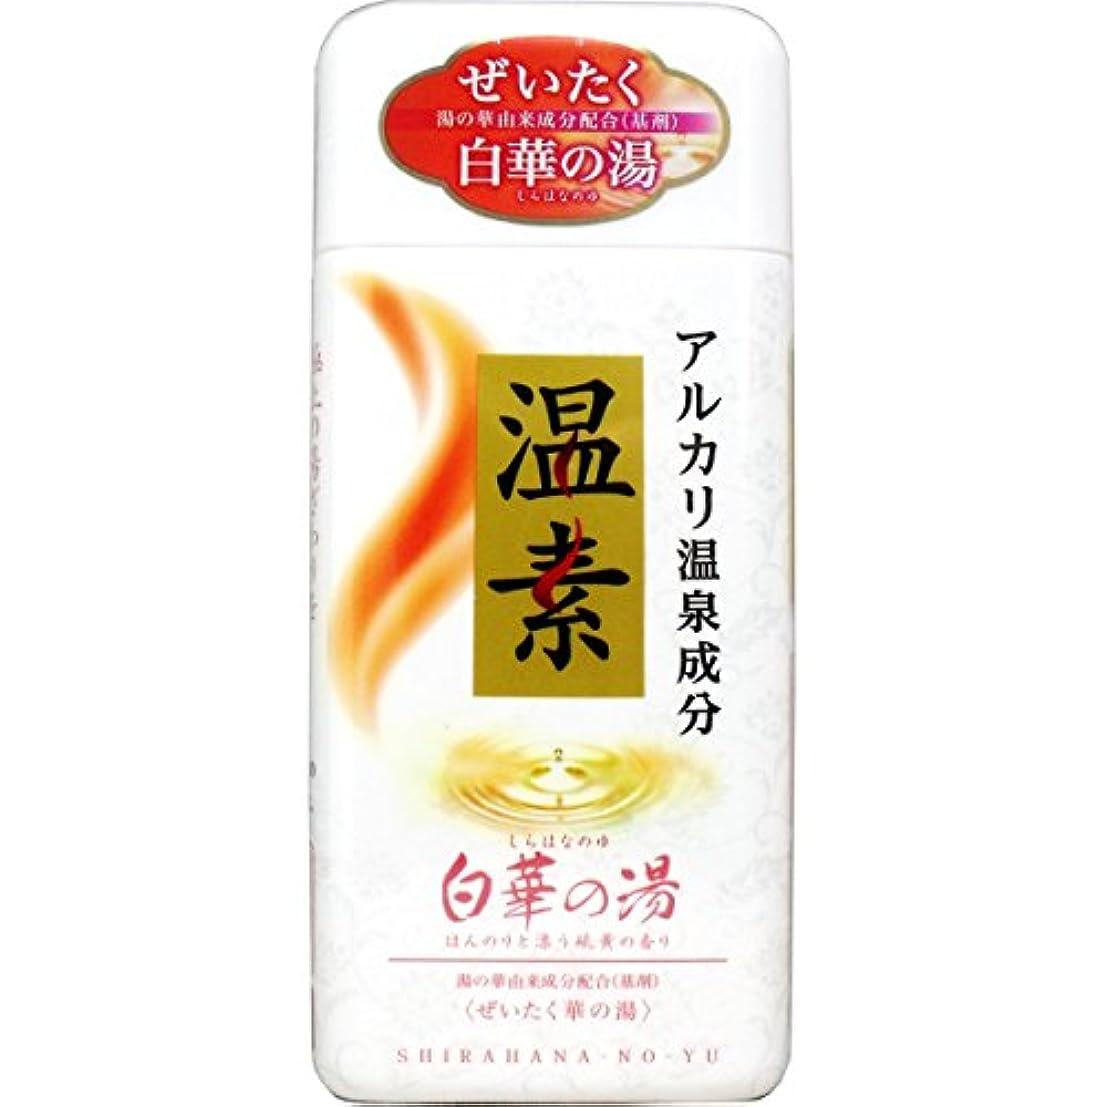 テキスト汚染登録する温素 白華の湯 × 10個セット